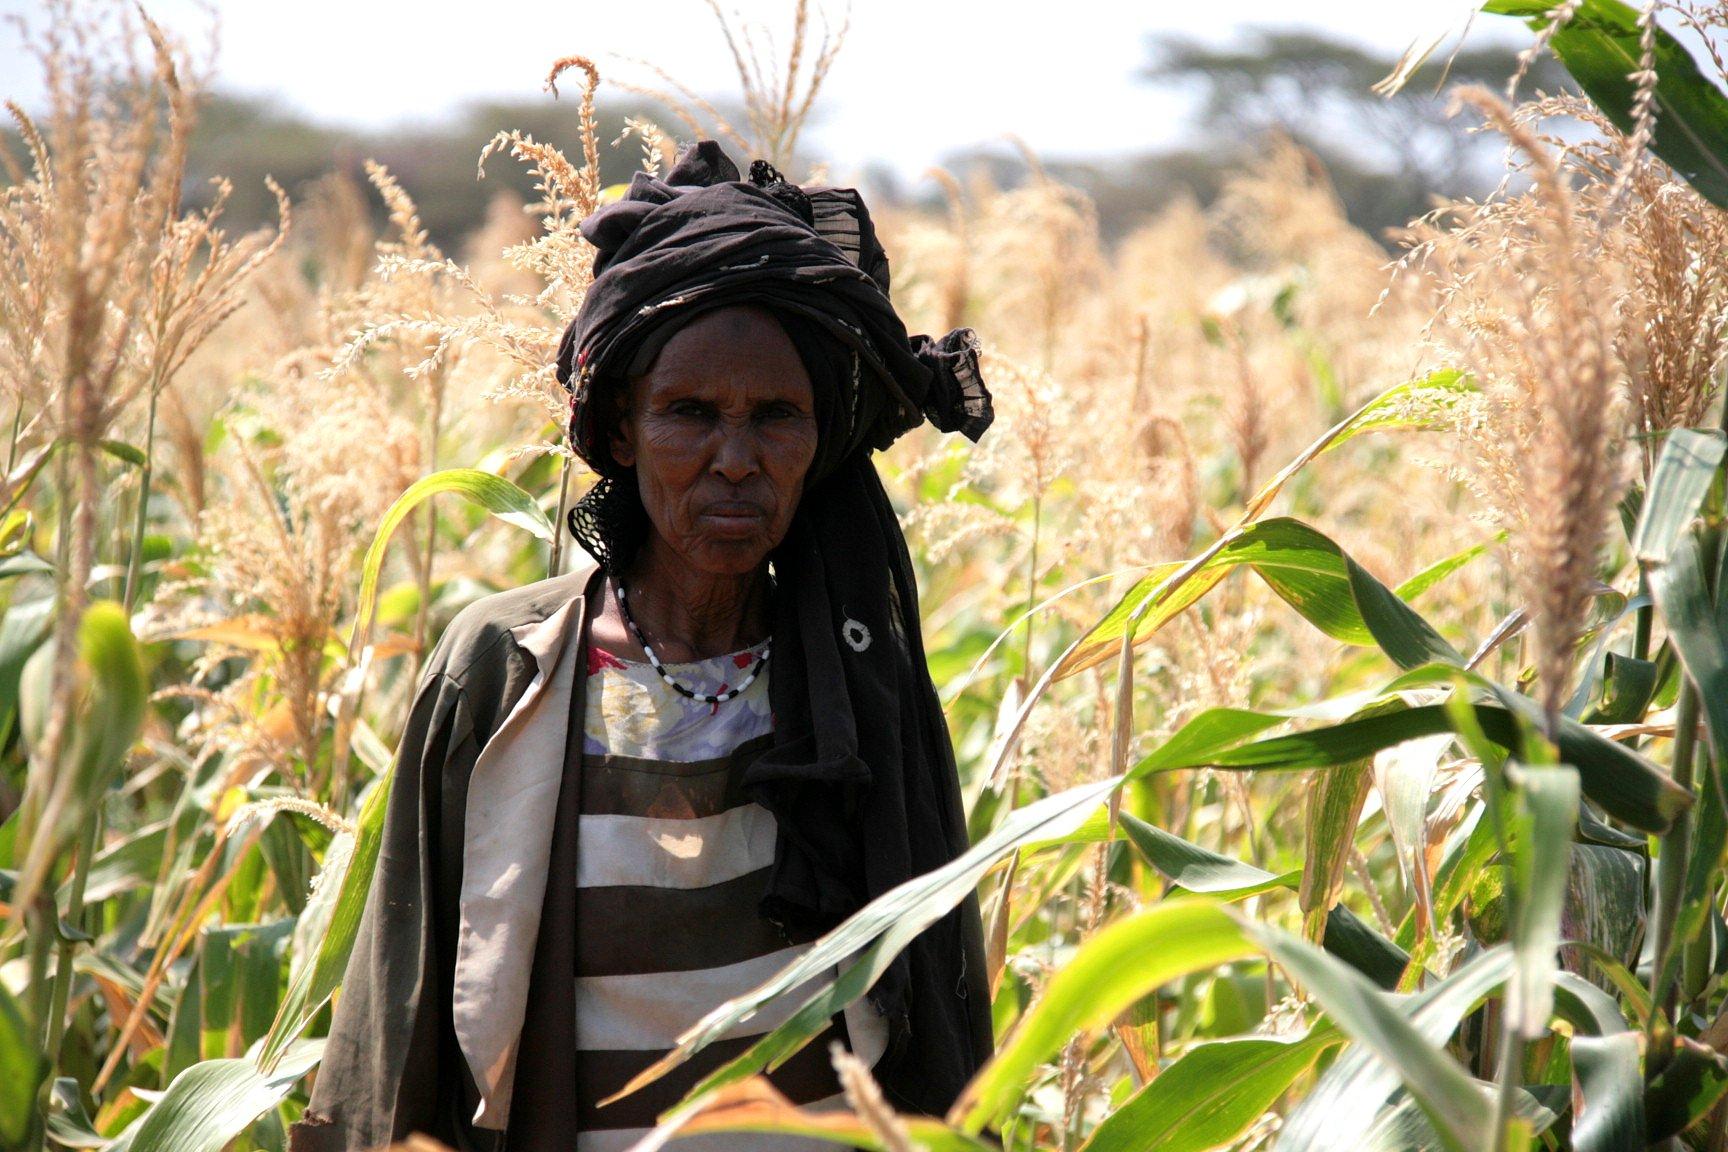 Woman in a field of maize in Kenya Isiolo, Merti (Biliko)